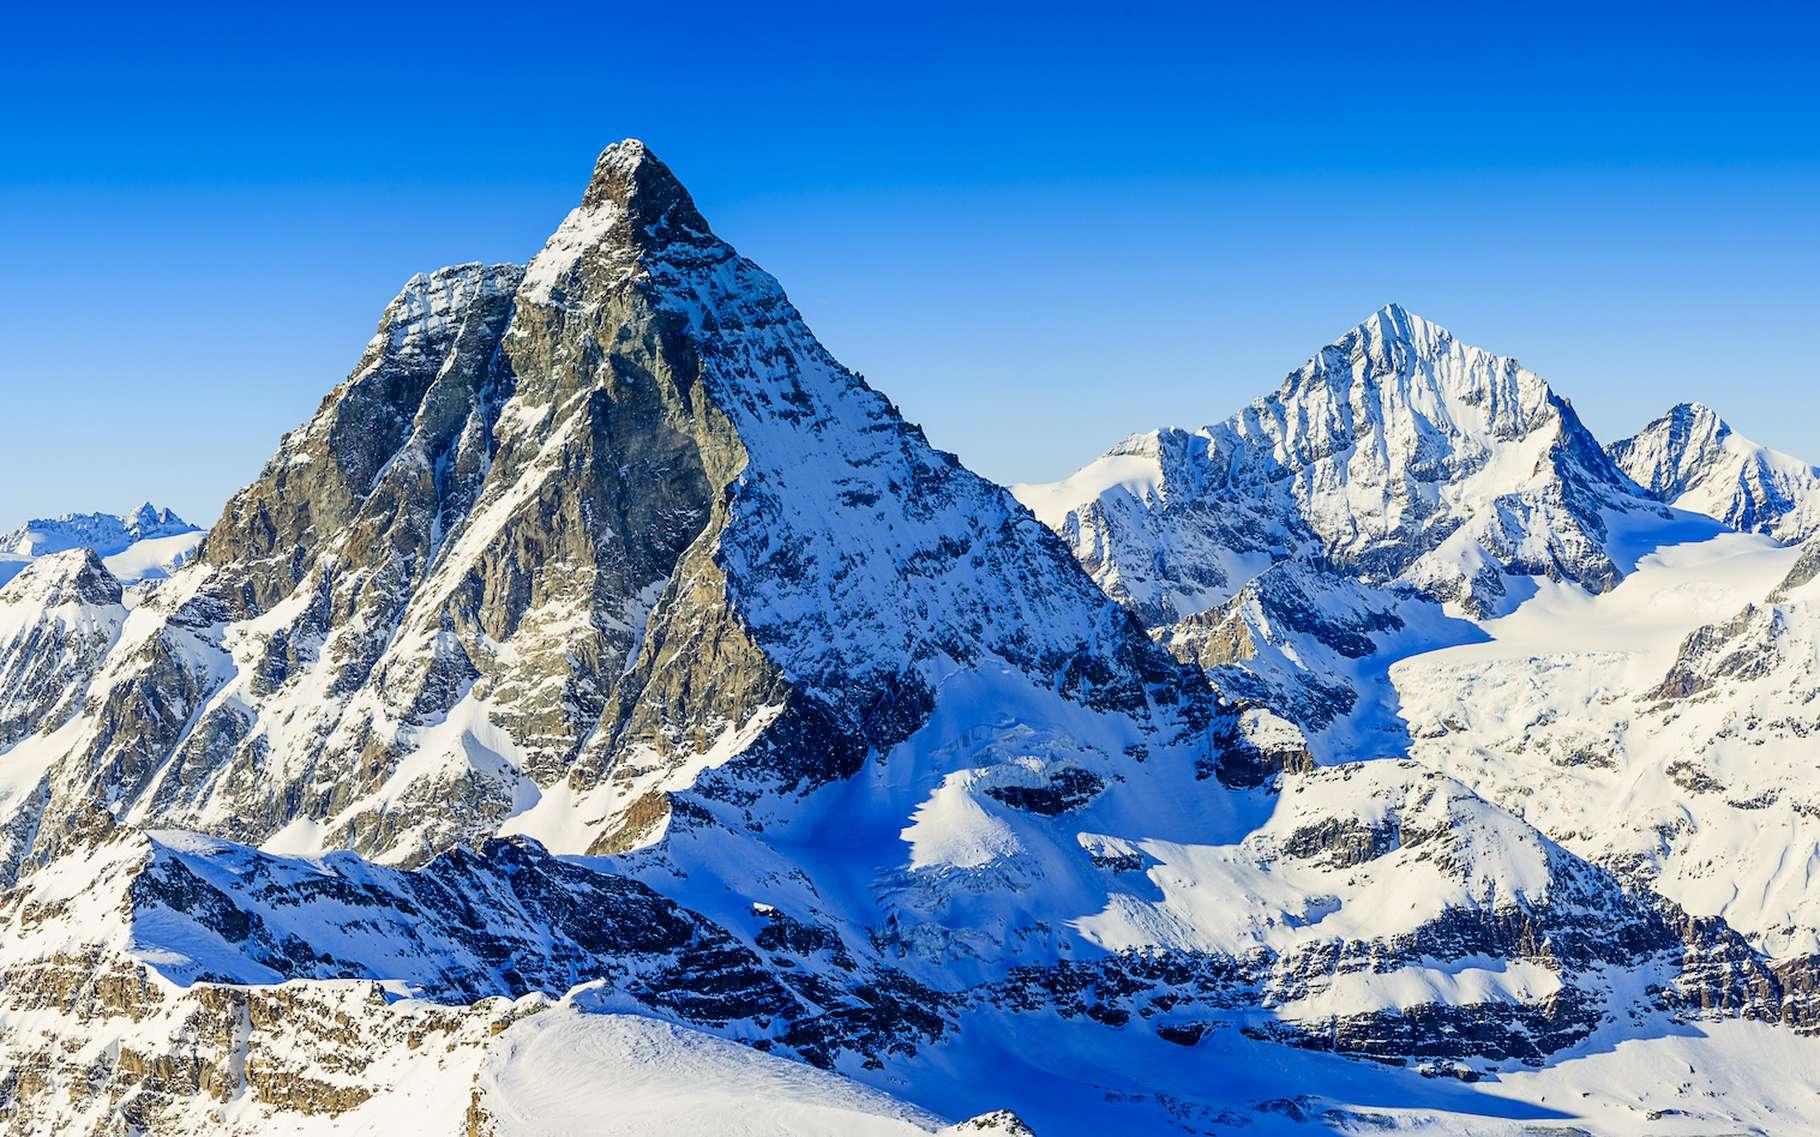 De nouveaux travaux montrent que les Alpes suisses seraient toujours en train de s'élever. © Gorilla, Adobe Stock